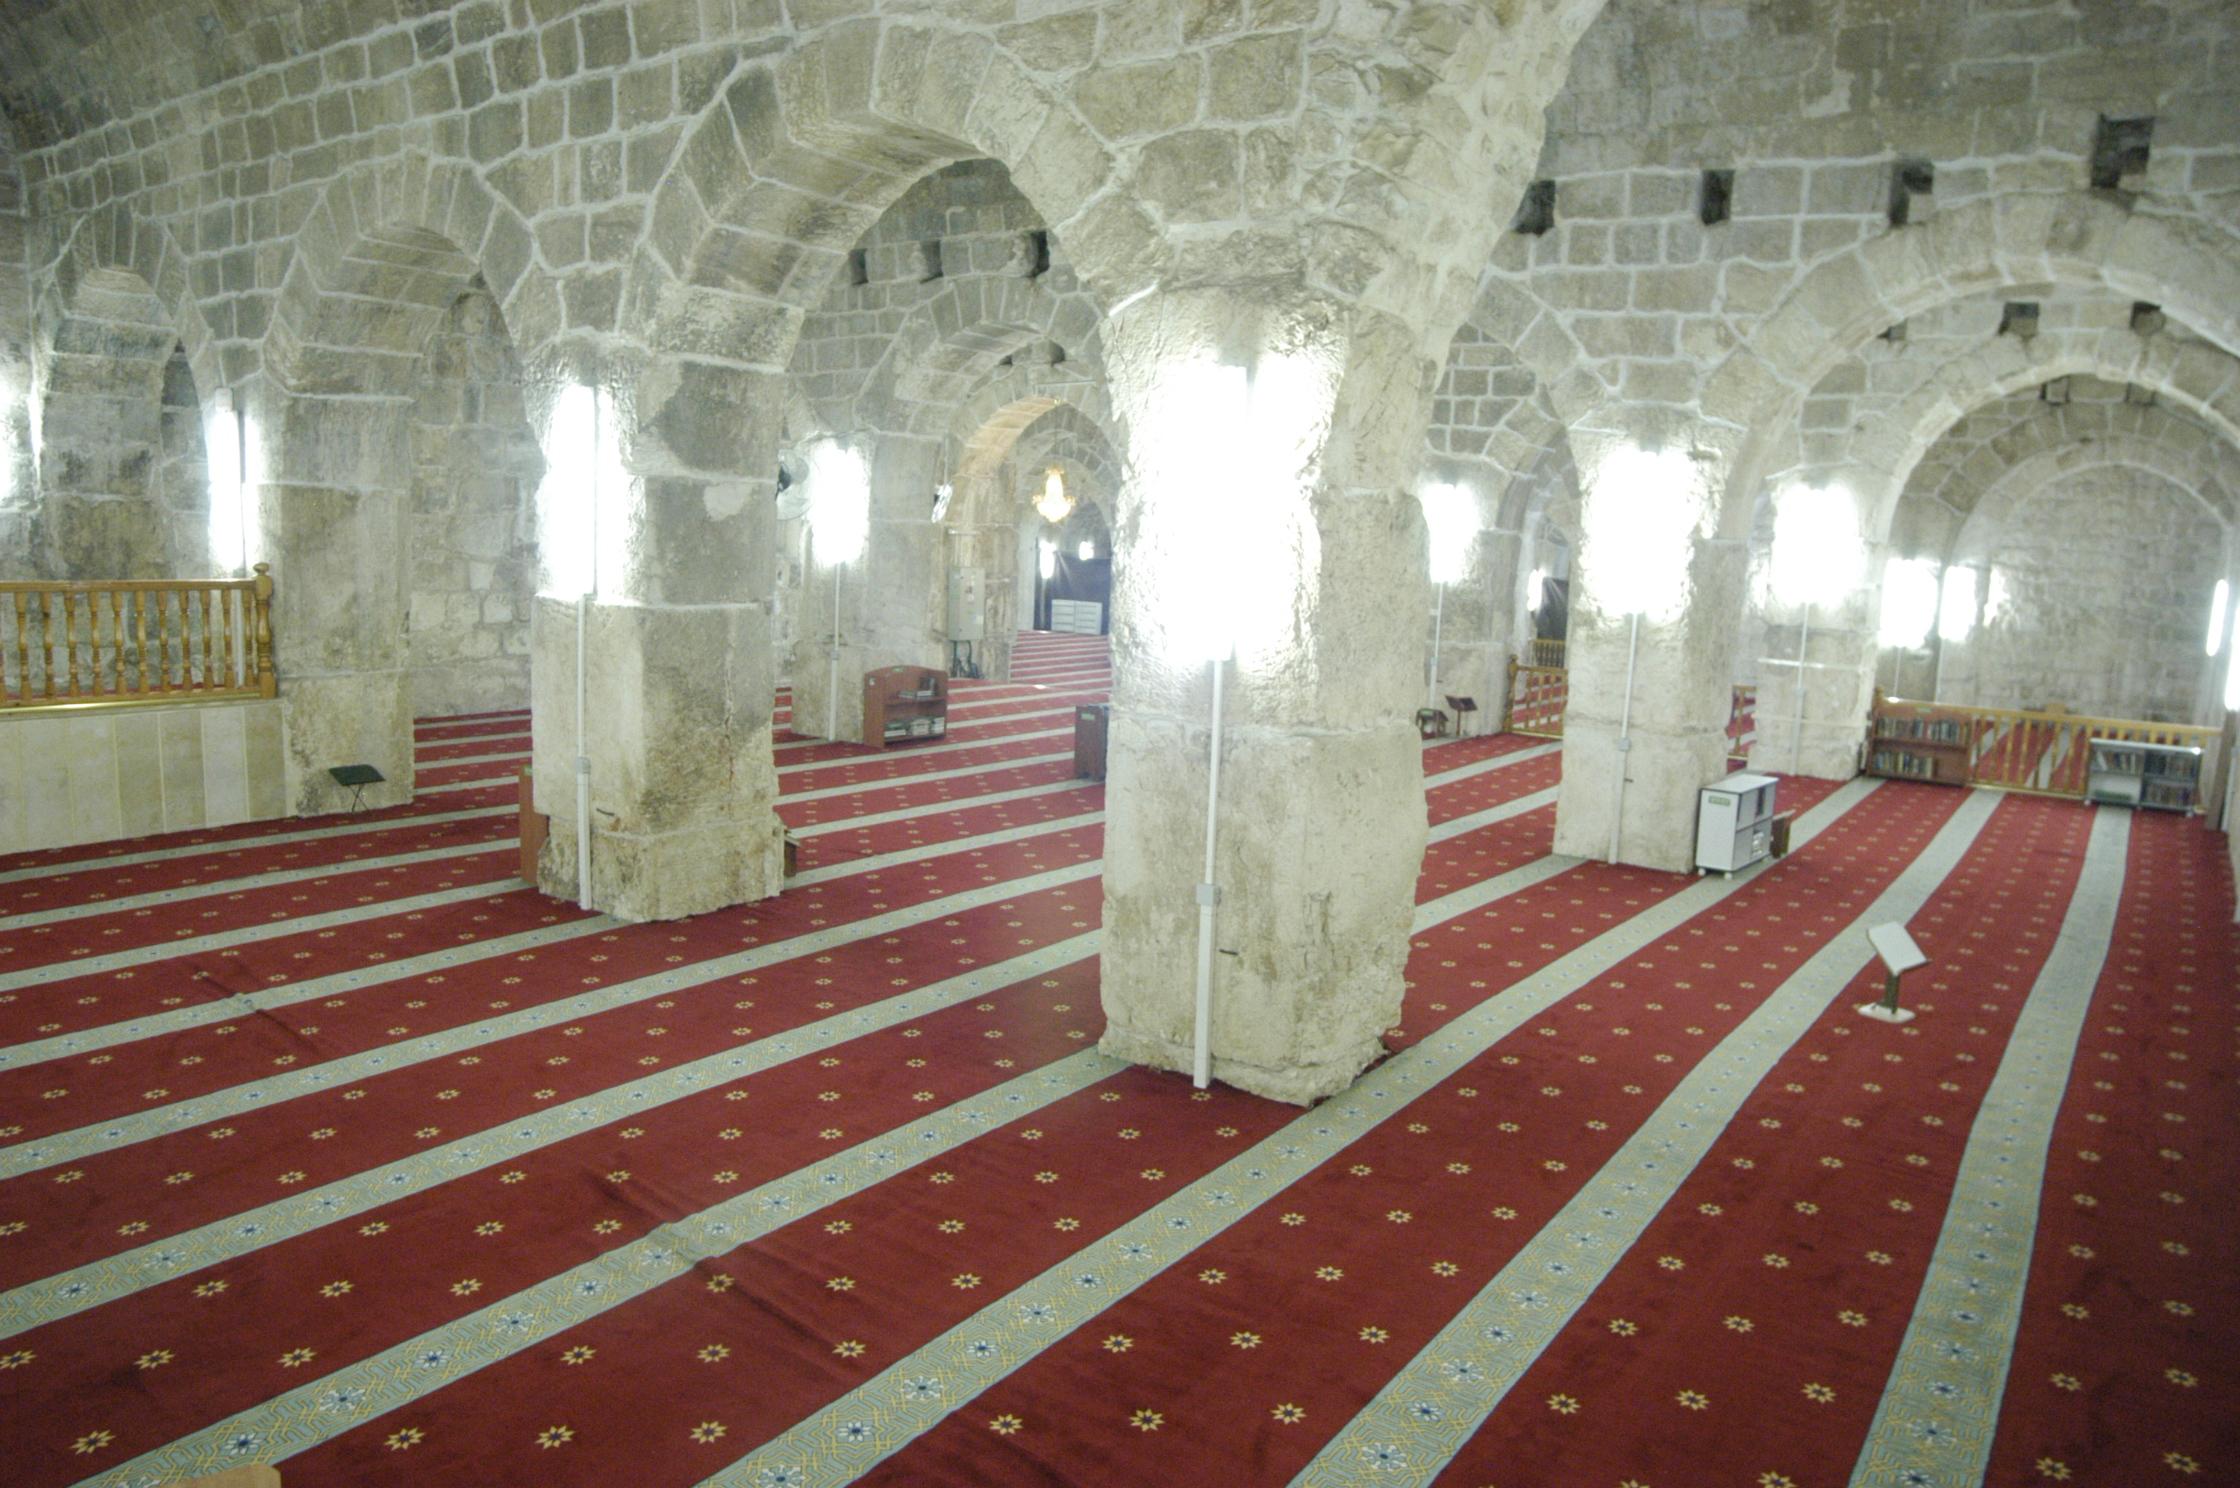 المصلى المرواني وهو جزء من المسجد الأقصى